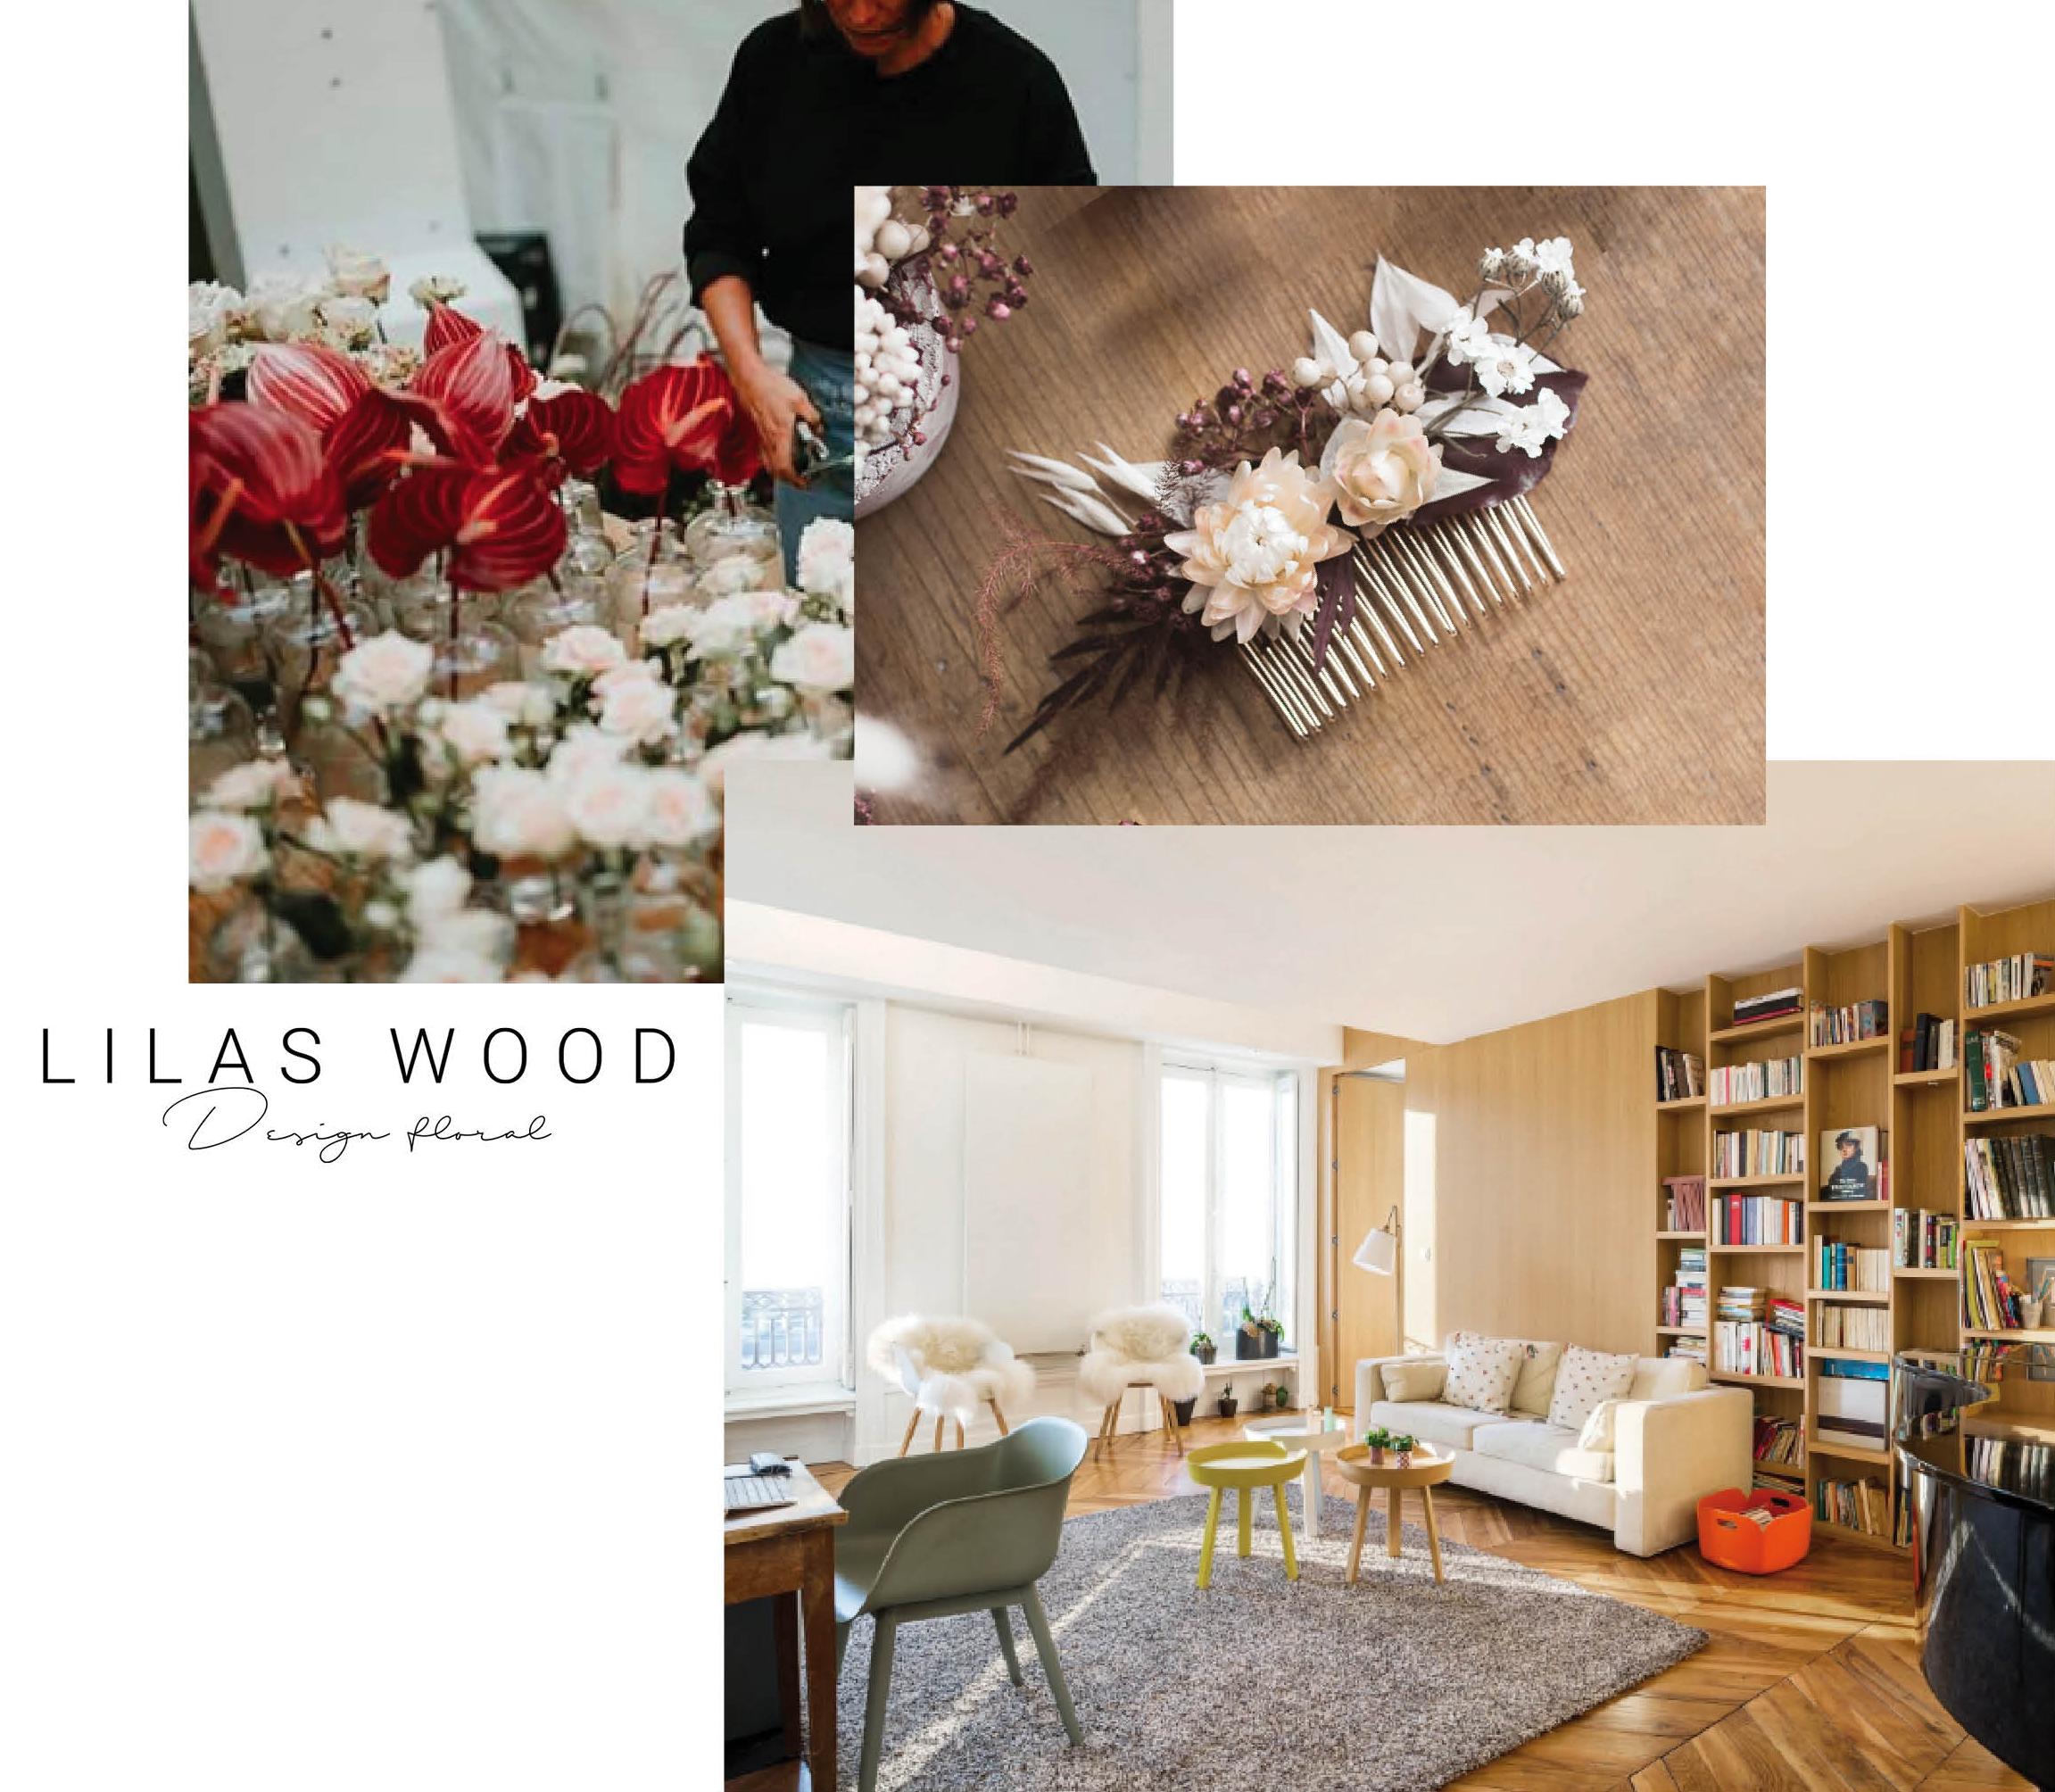 ATELIER FLoRAL - Un atelier floral pour fabriquer un peigne à cheveux, animé par la fleuriste Lilas Wood.Date & heure : Sam. 6 avril à 11h30 (complet)Prix : 15€ / pers.(6 pers. par atelier - 1h environ)